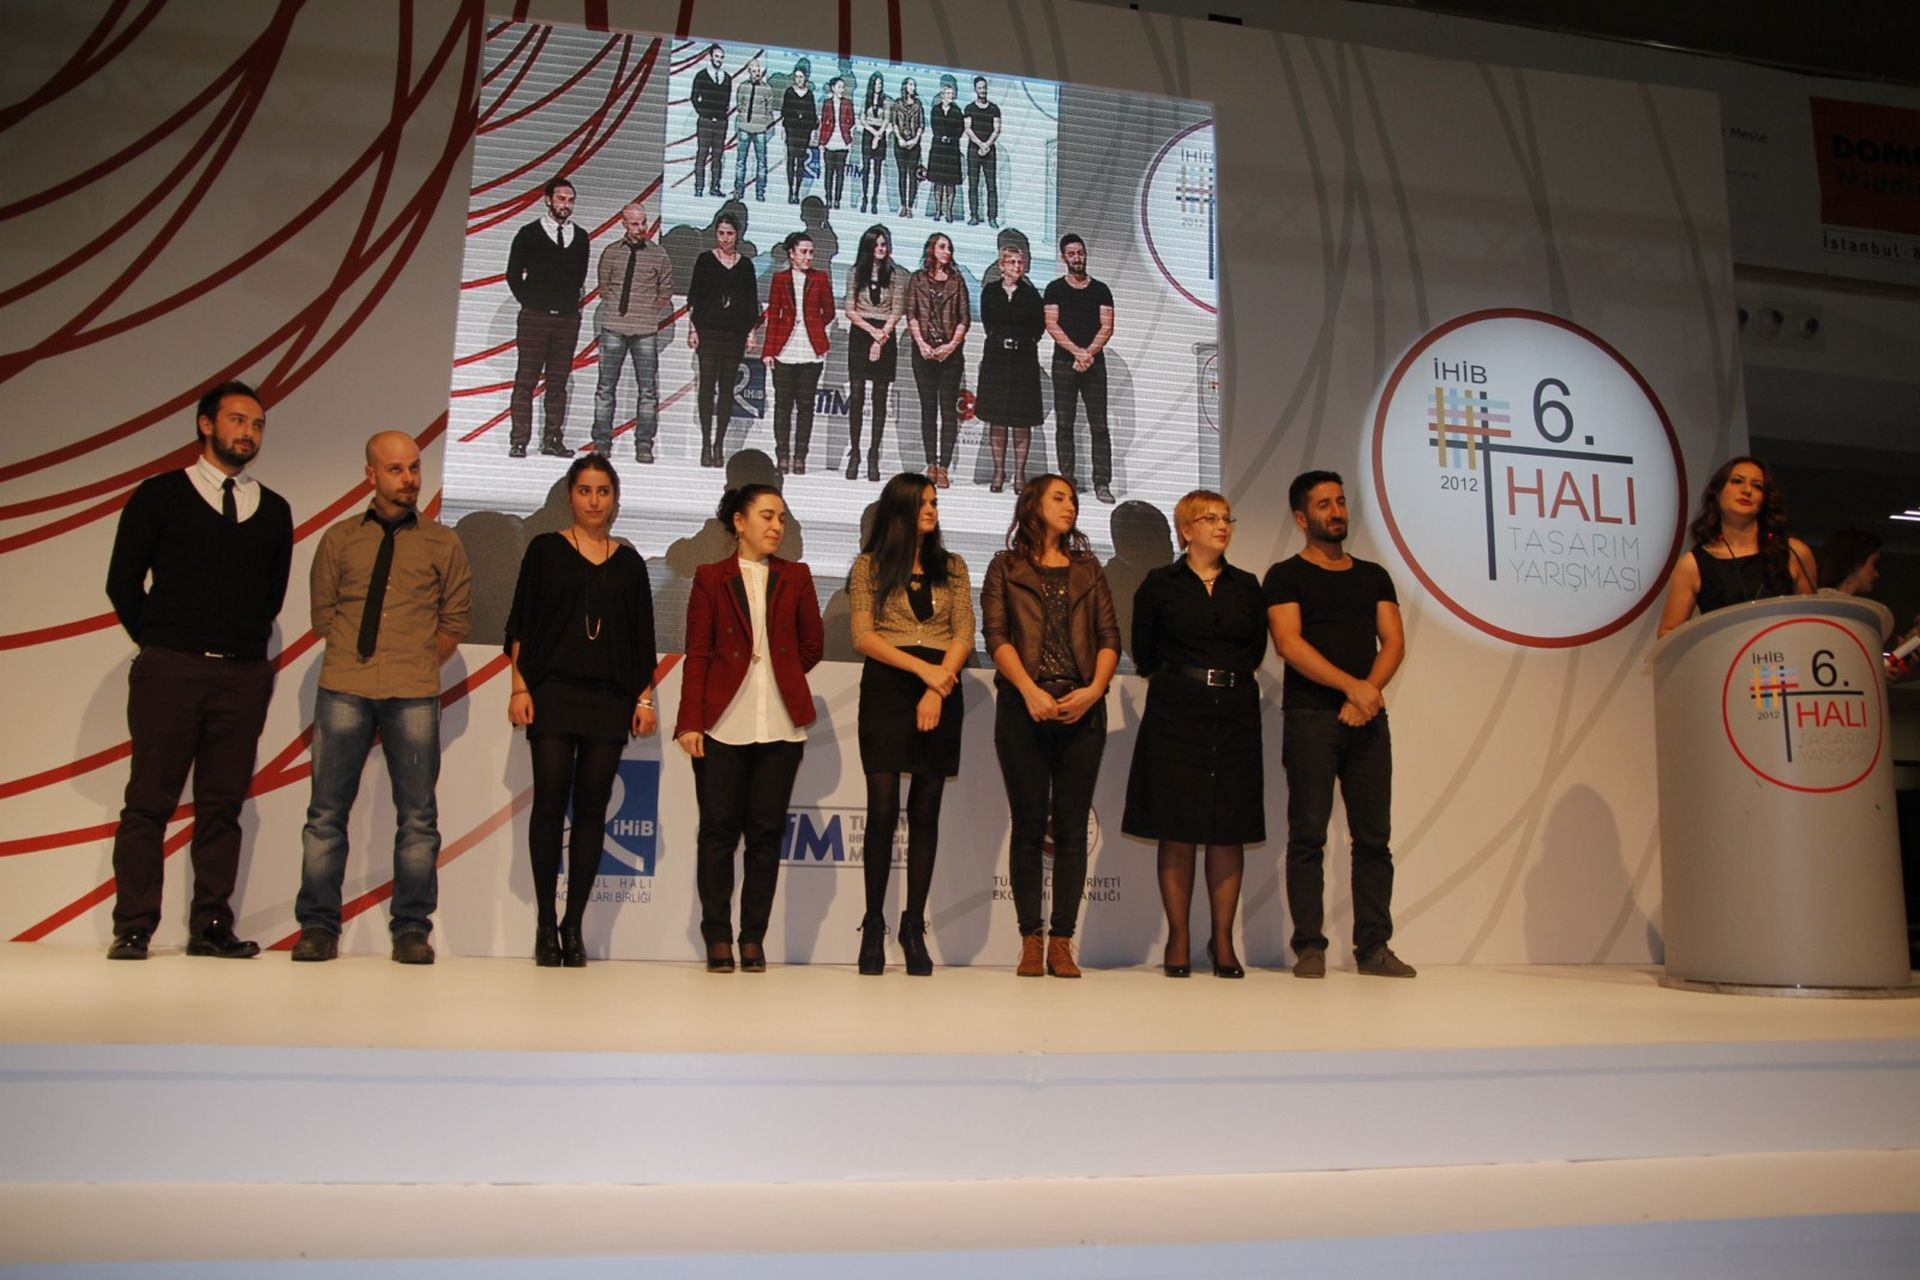 DOMOTEX Turkey 2012 İHİB Halı Yarışması Ödül Töreni